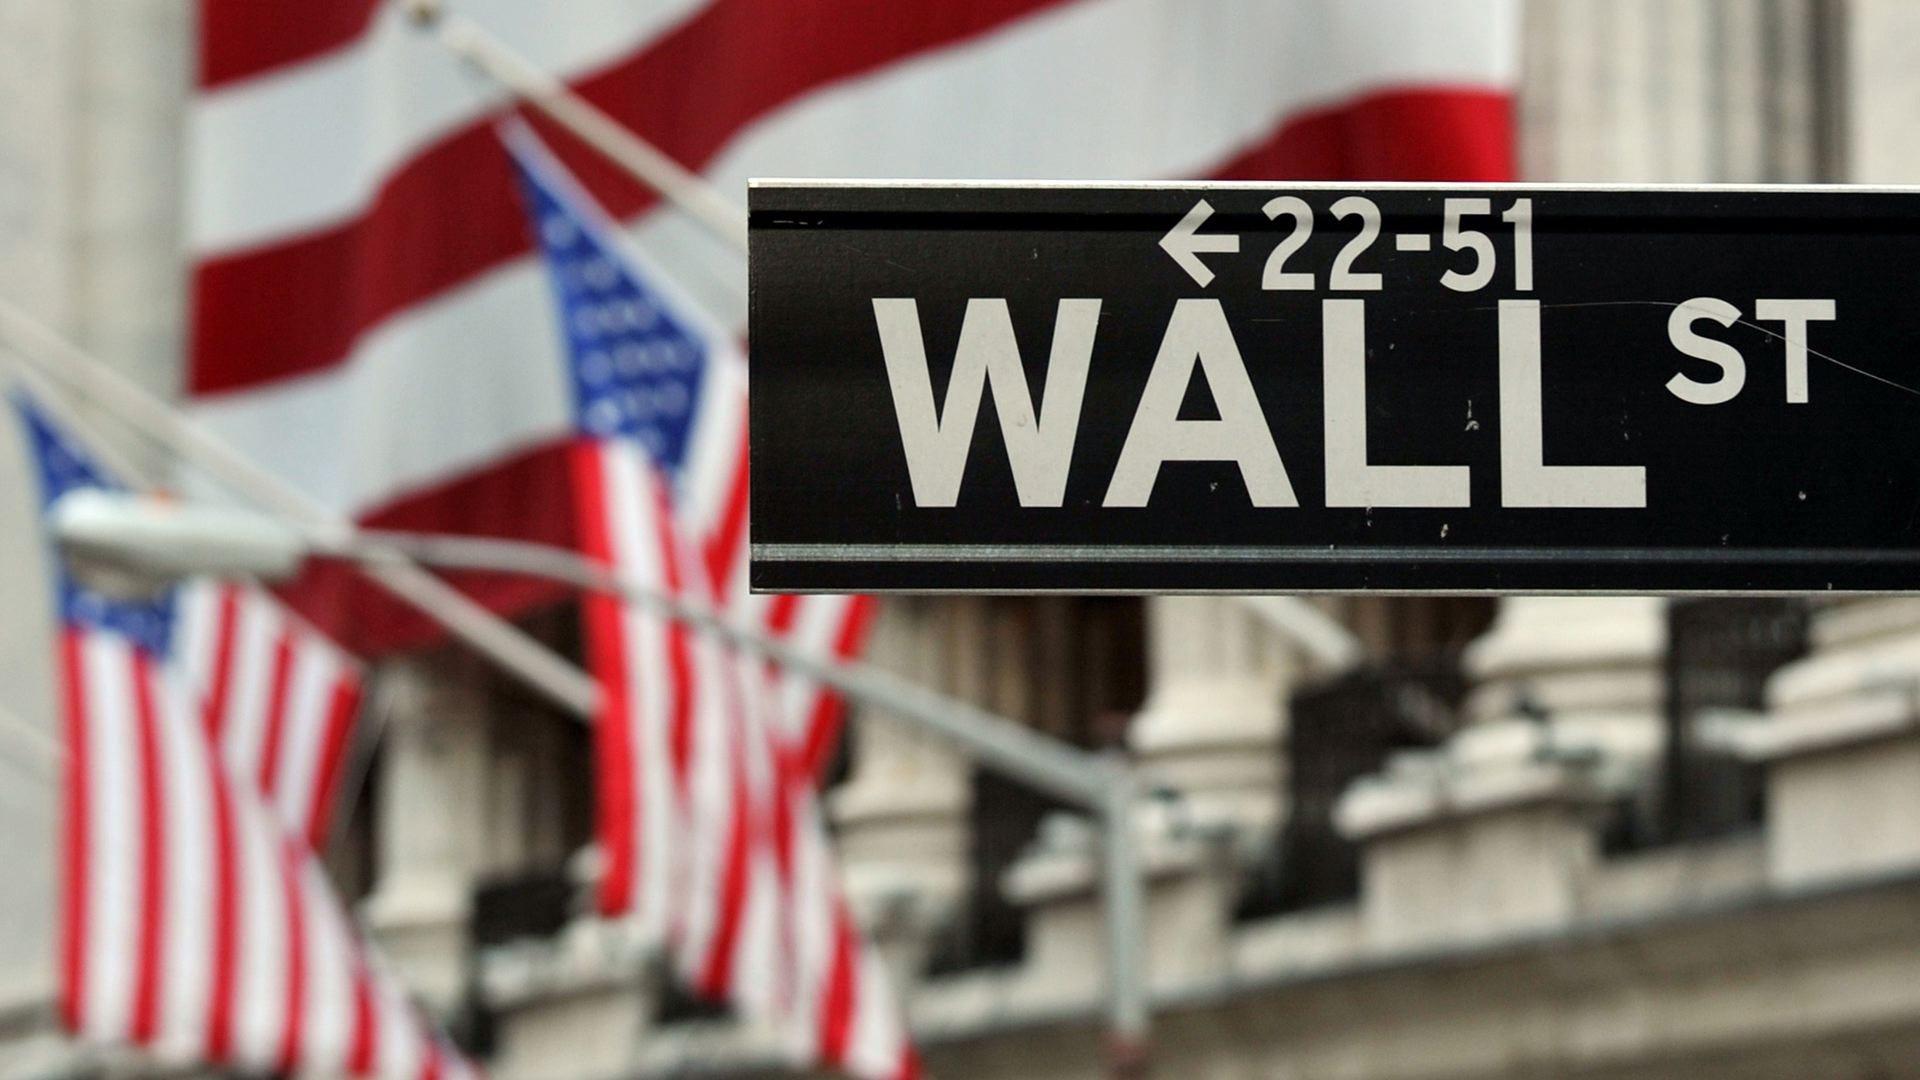 Inwestorzy tracą miliardy